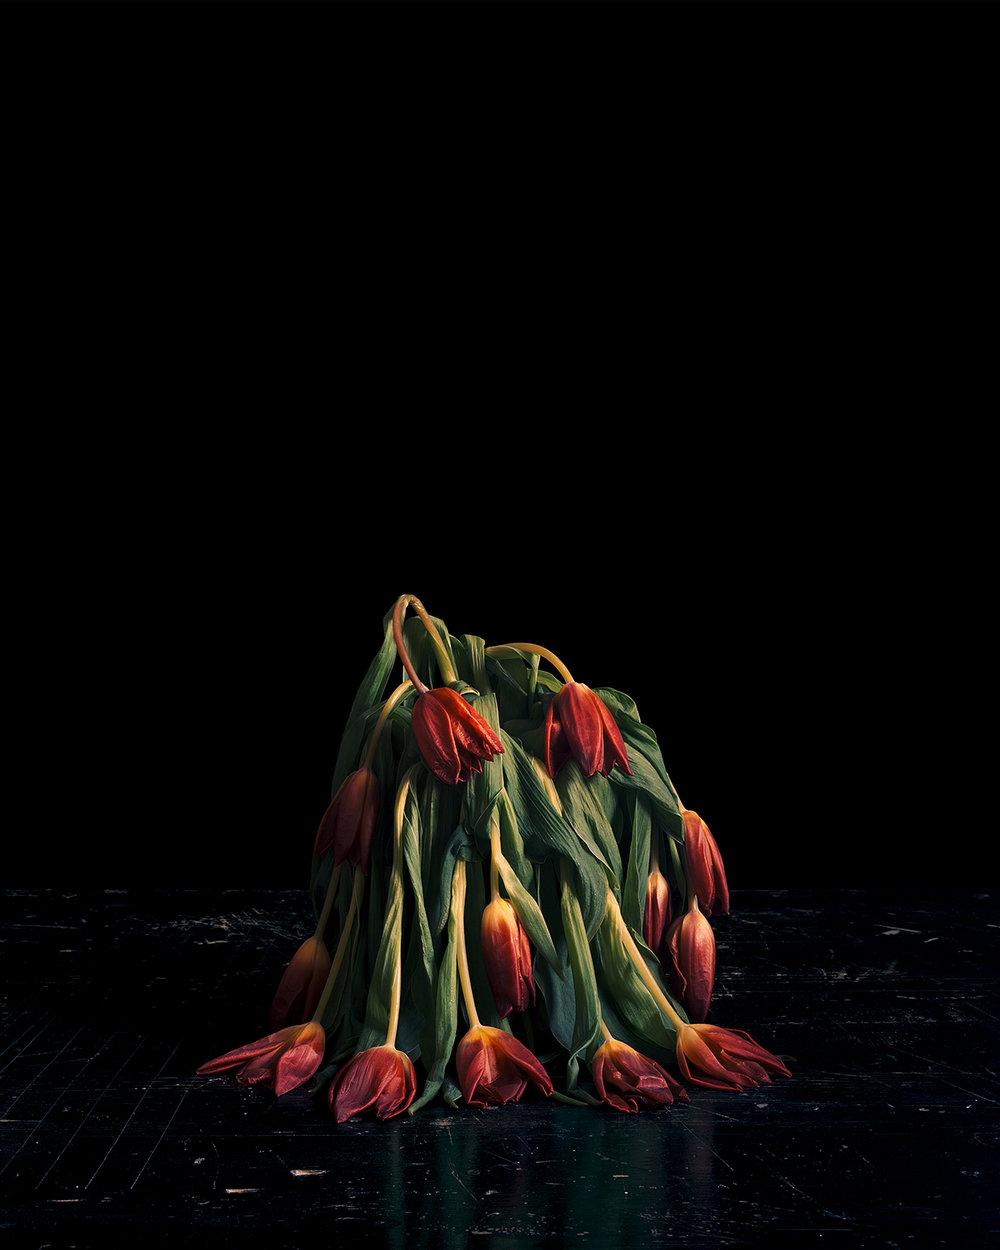 Brigitte_Lustenberger_ThisSenseOfWonder_FlowersV_06.jpg